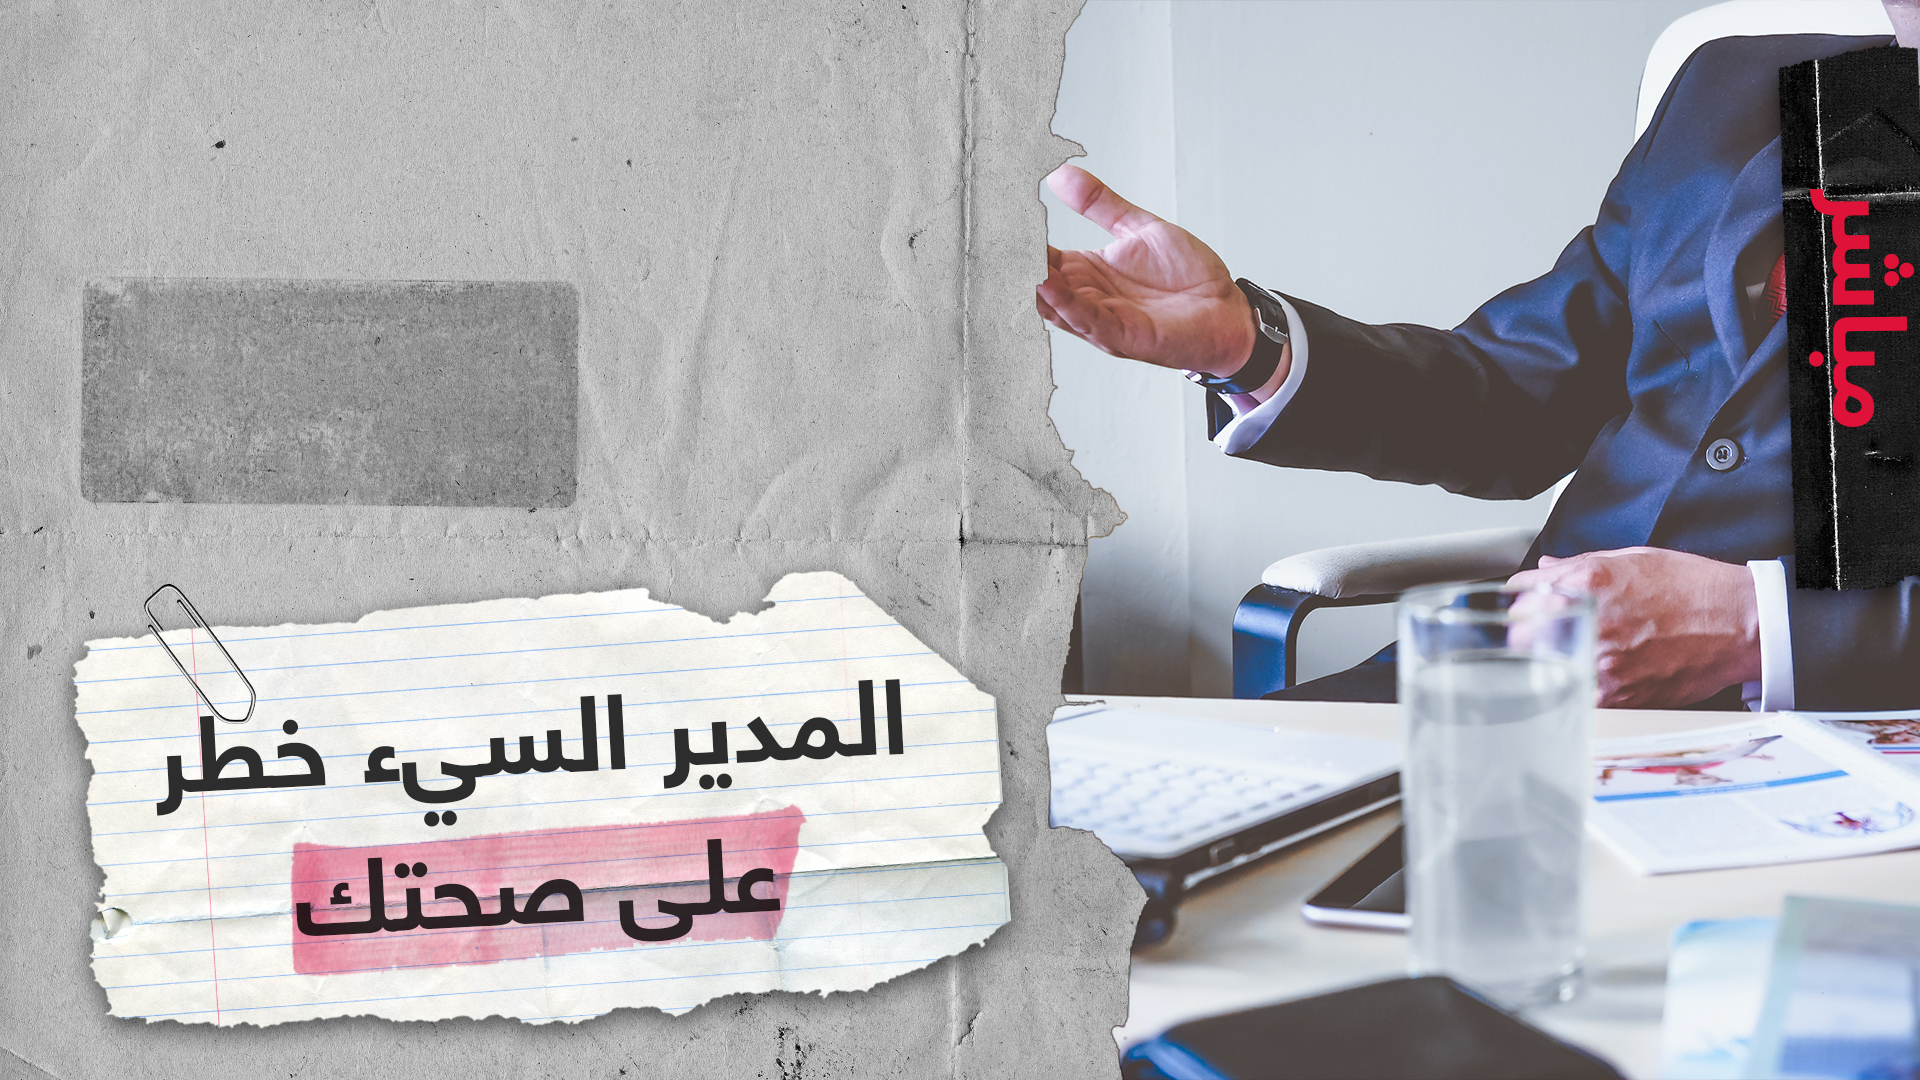 المدير السيء خطر على صحتك.. كيف يمكن مواجهته دون فقدان وظيفتك؟